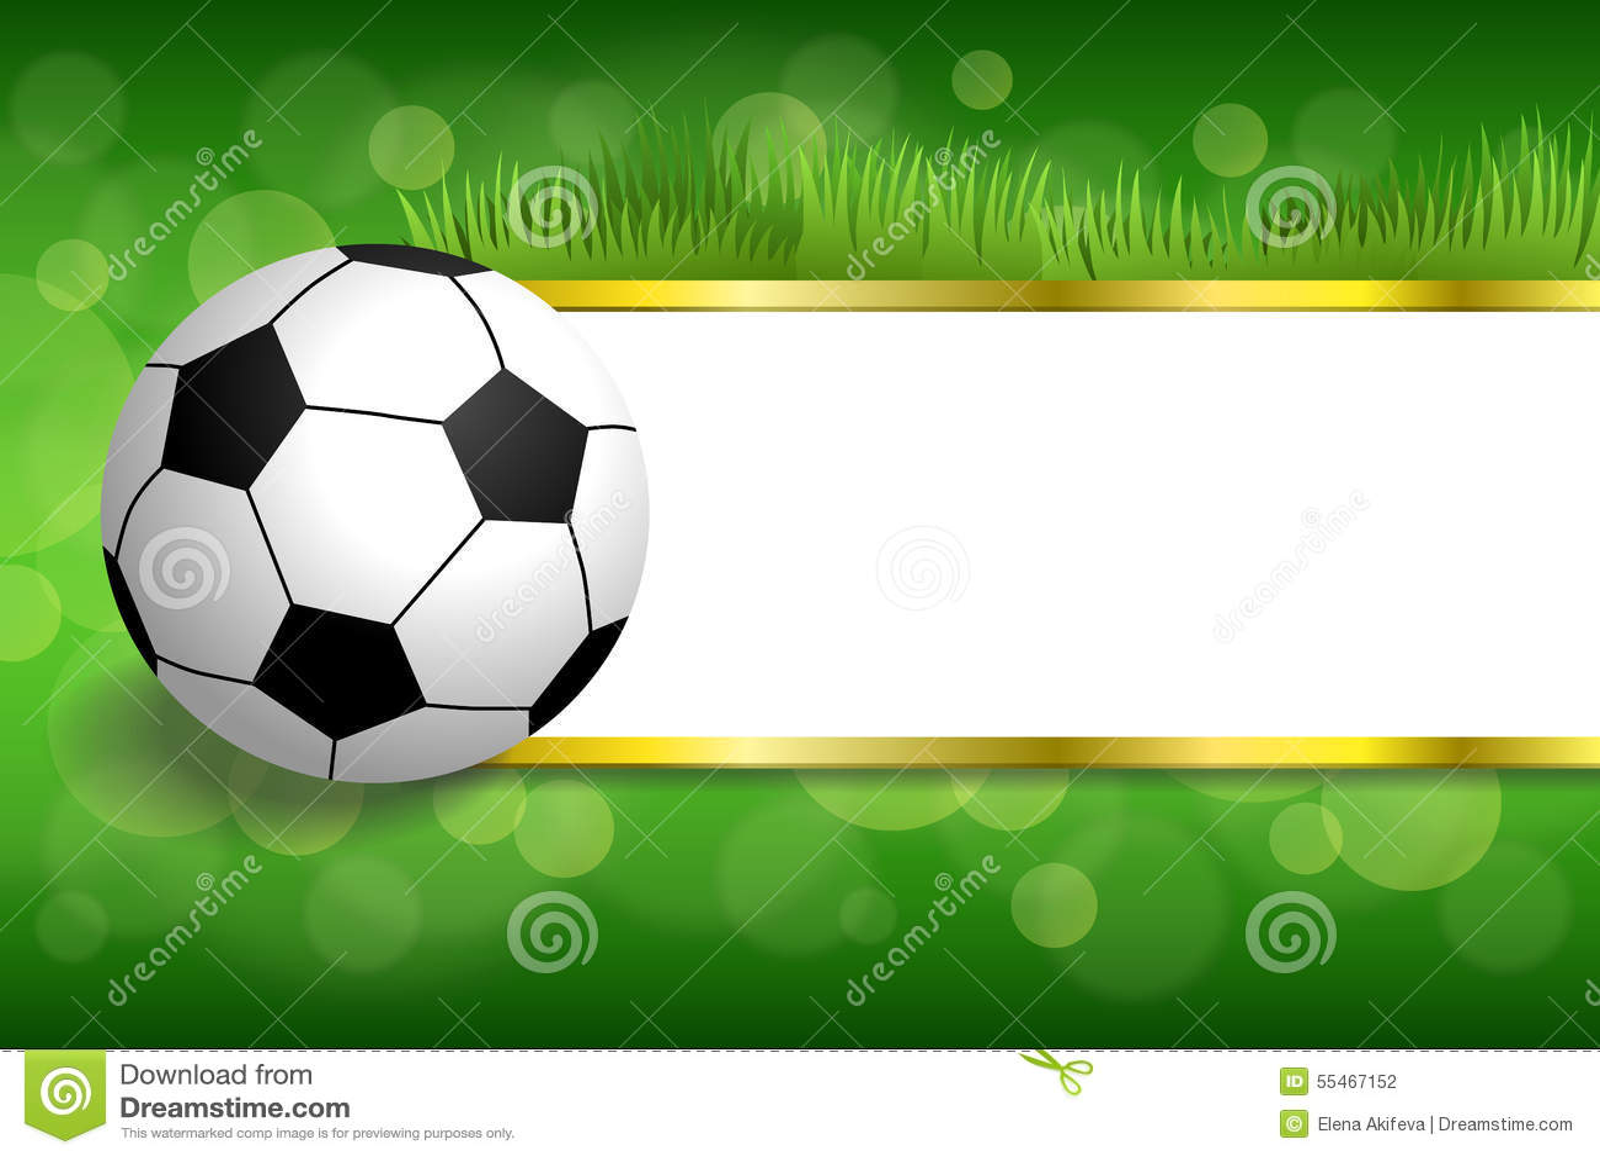 Fondos De Pantalla Fútbol Pelota Silueta Deporte: Ejemplo Verde Abstracto De La Bola Del Deporte Del Fútbol